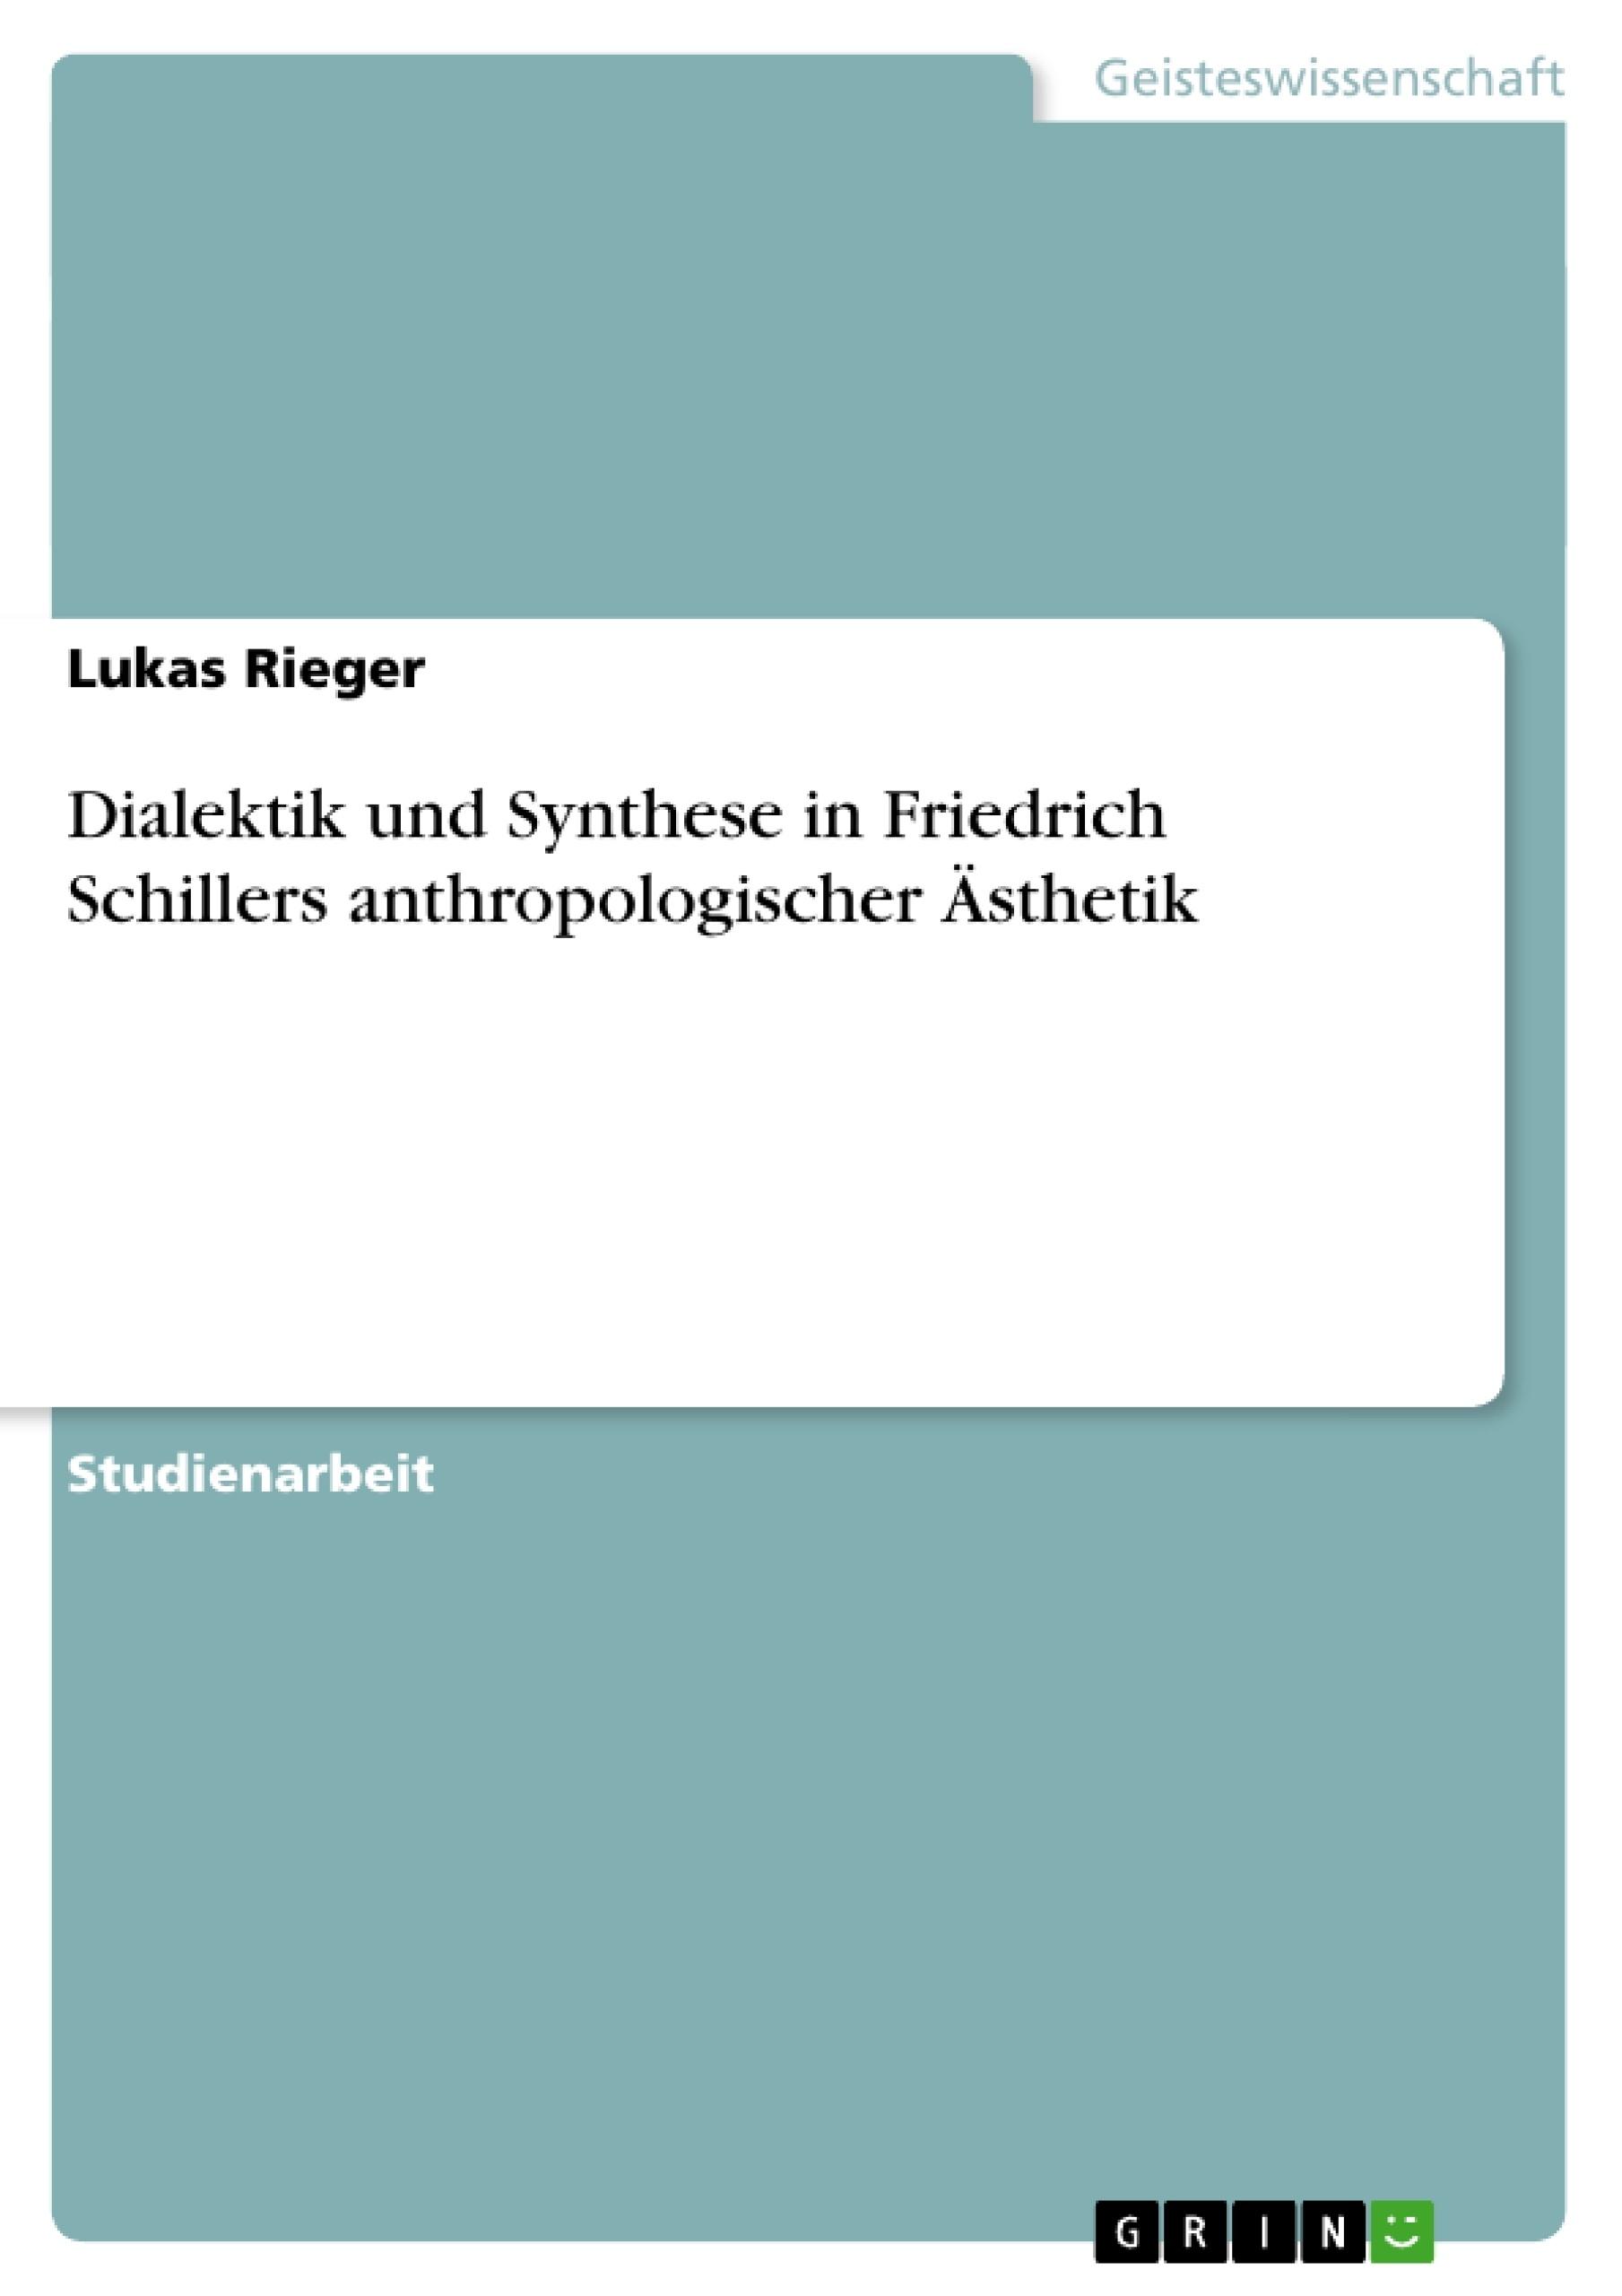 Titel: Dialektik und Synthese in Friedrich Schillers anthropologischer Ästhetik